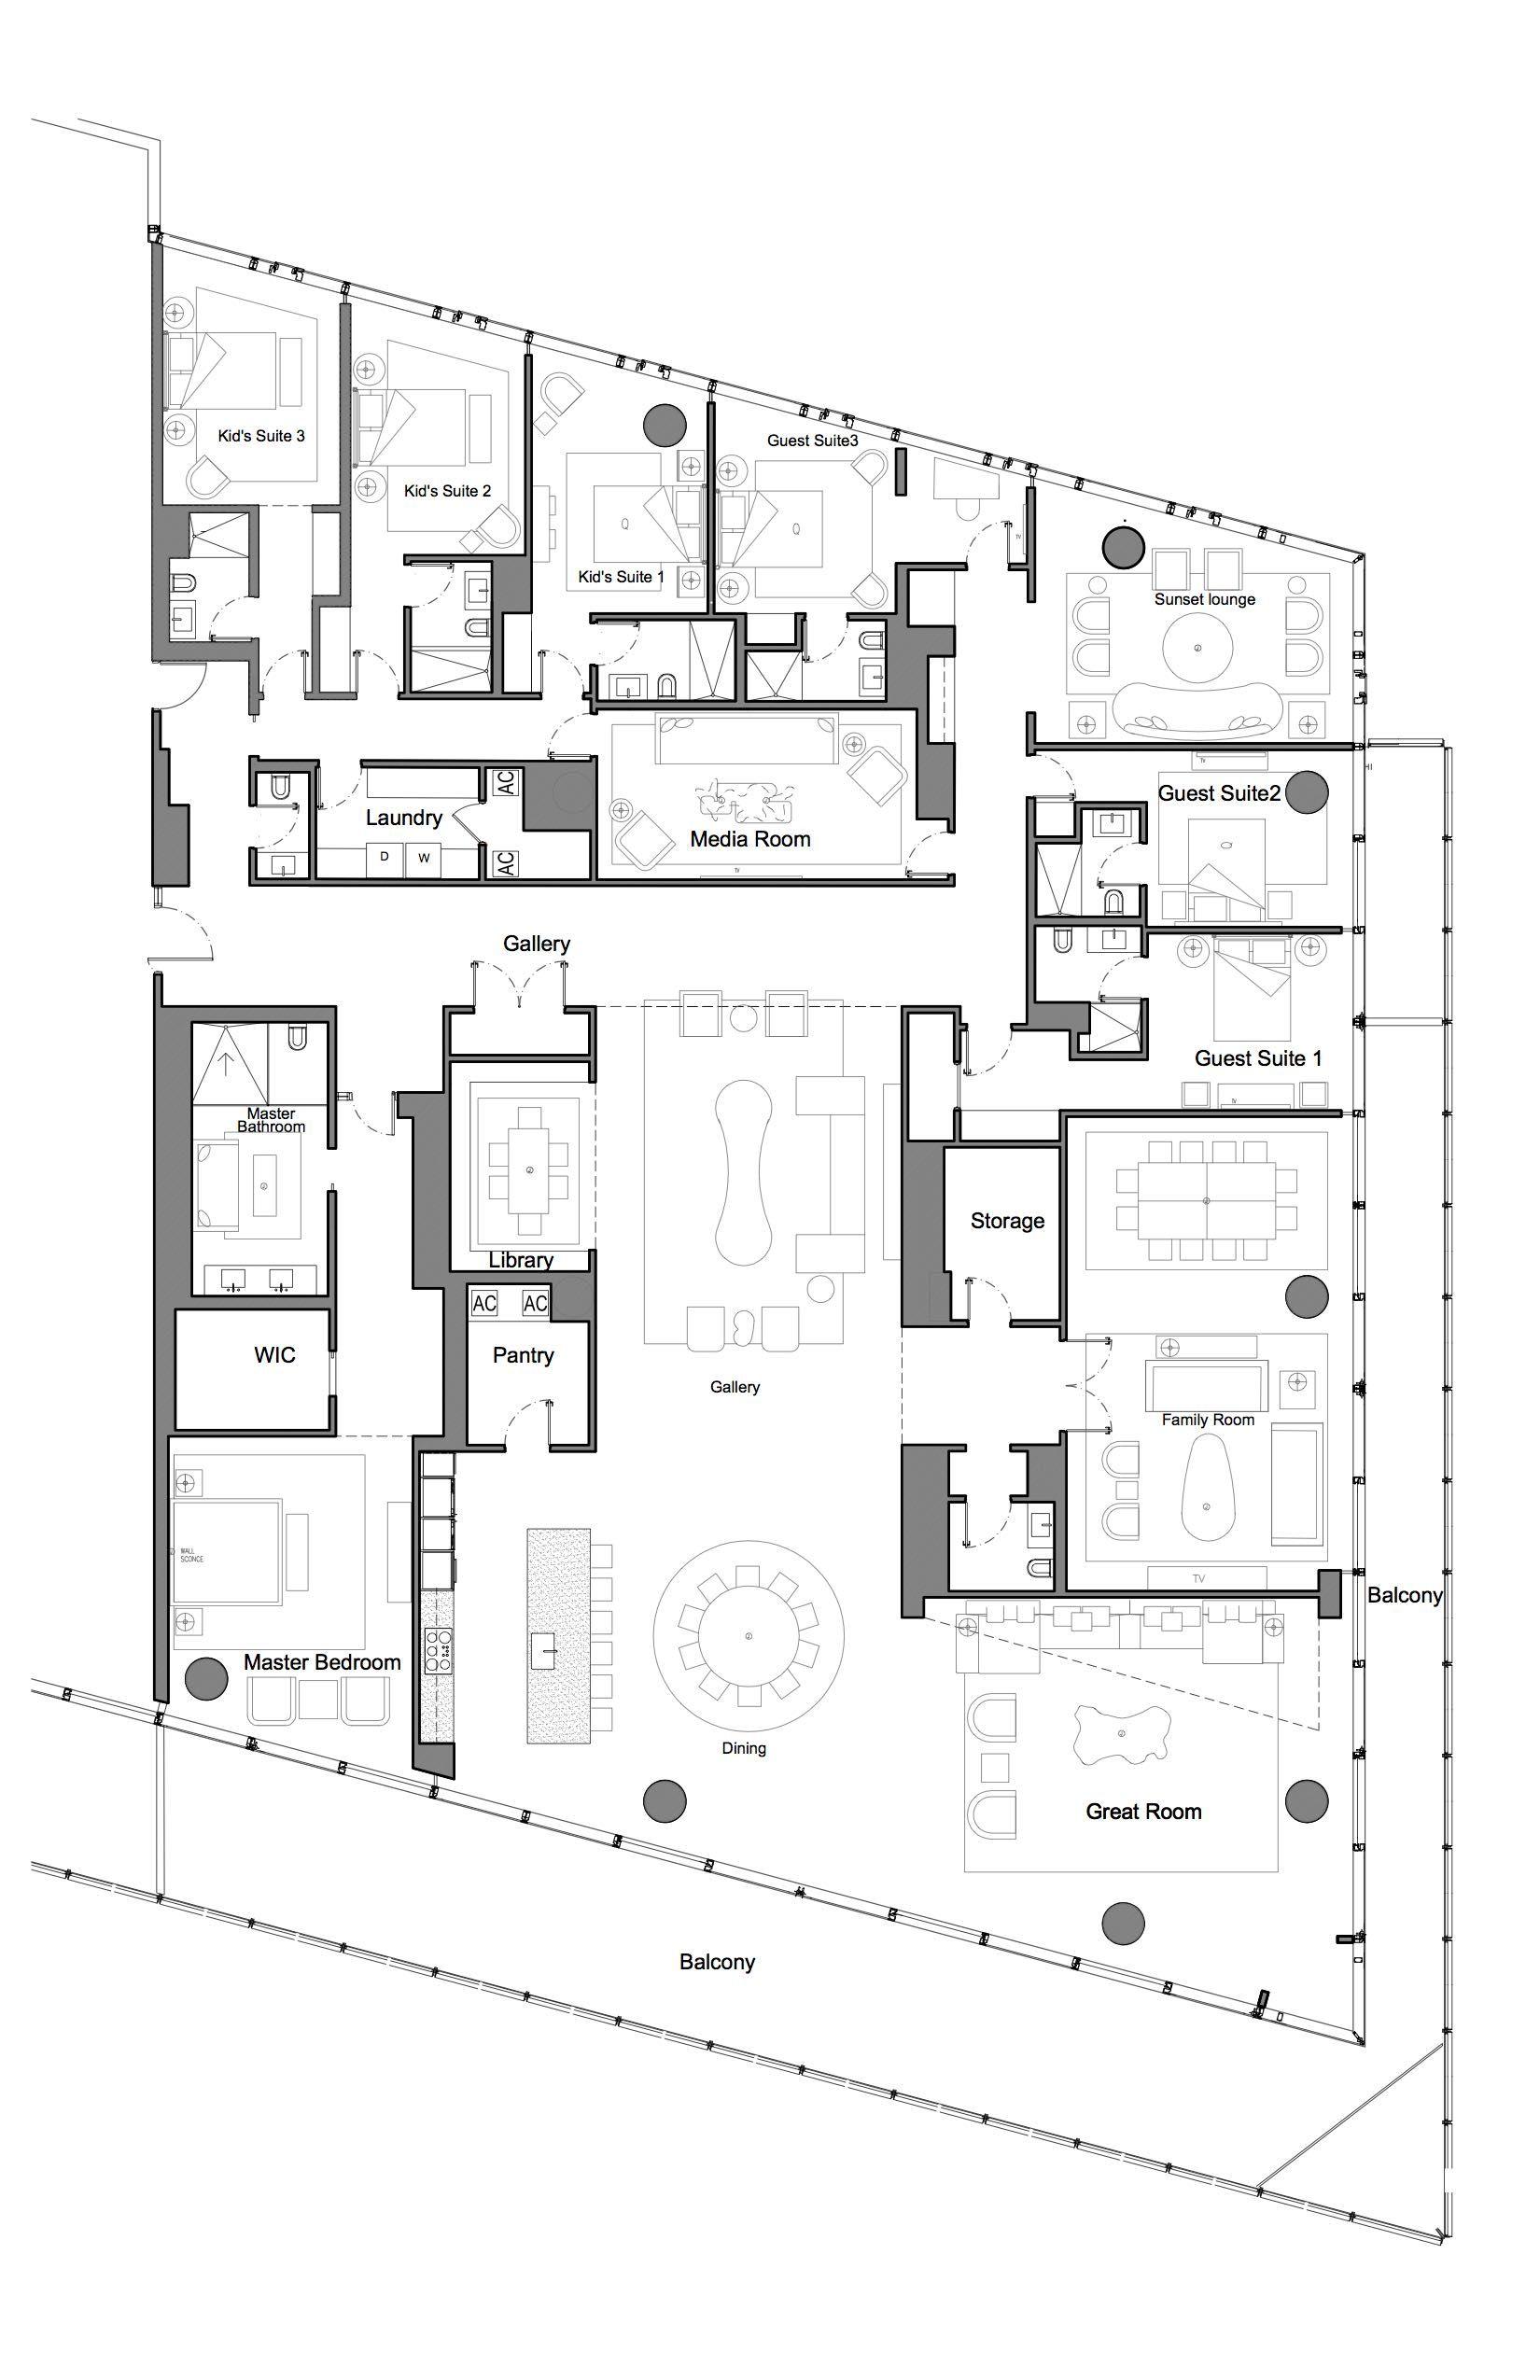 Miami Beach Condominiums Hsj Archiecture Condo Floor Plans Family House Plans Vintage House Plans